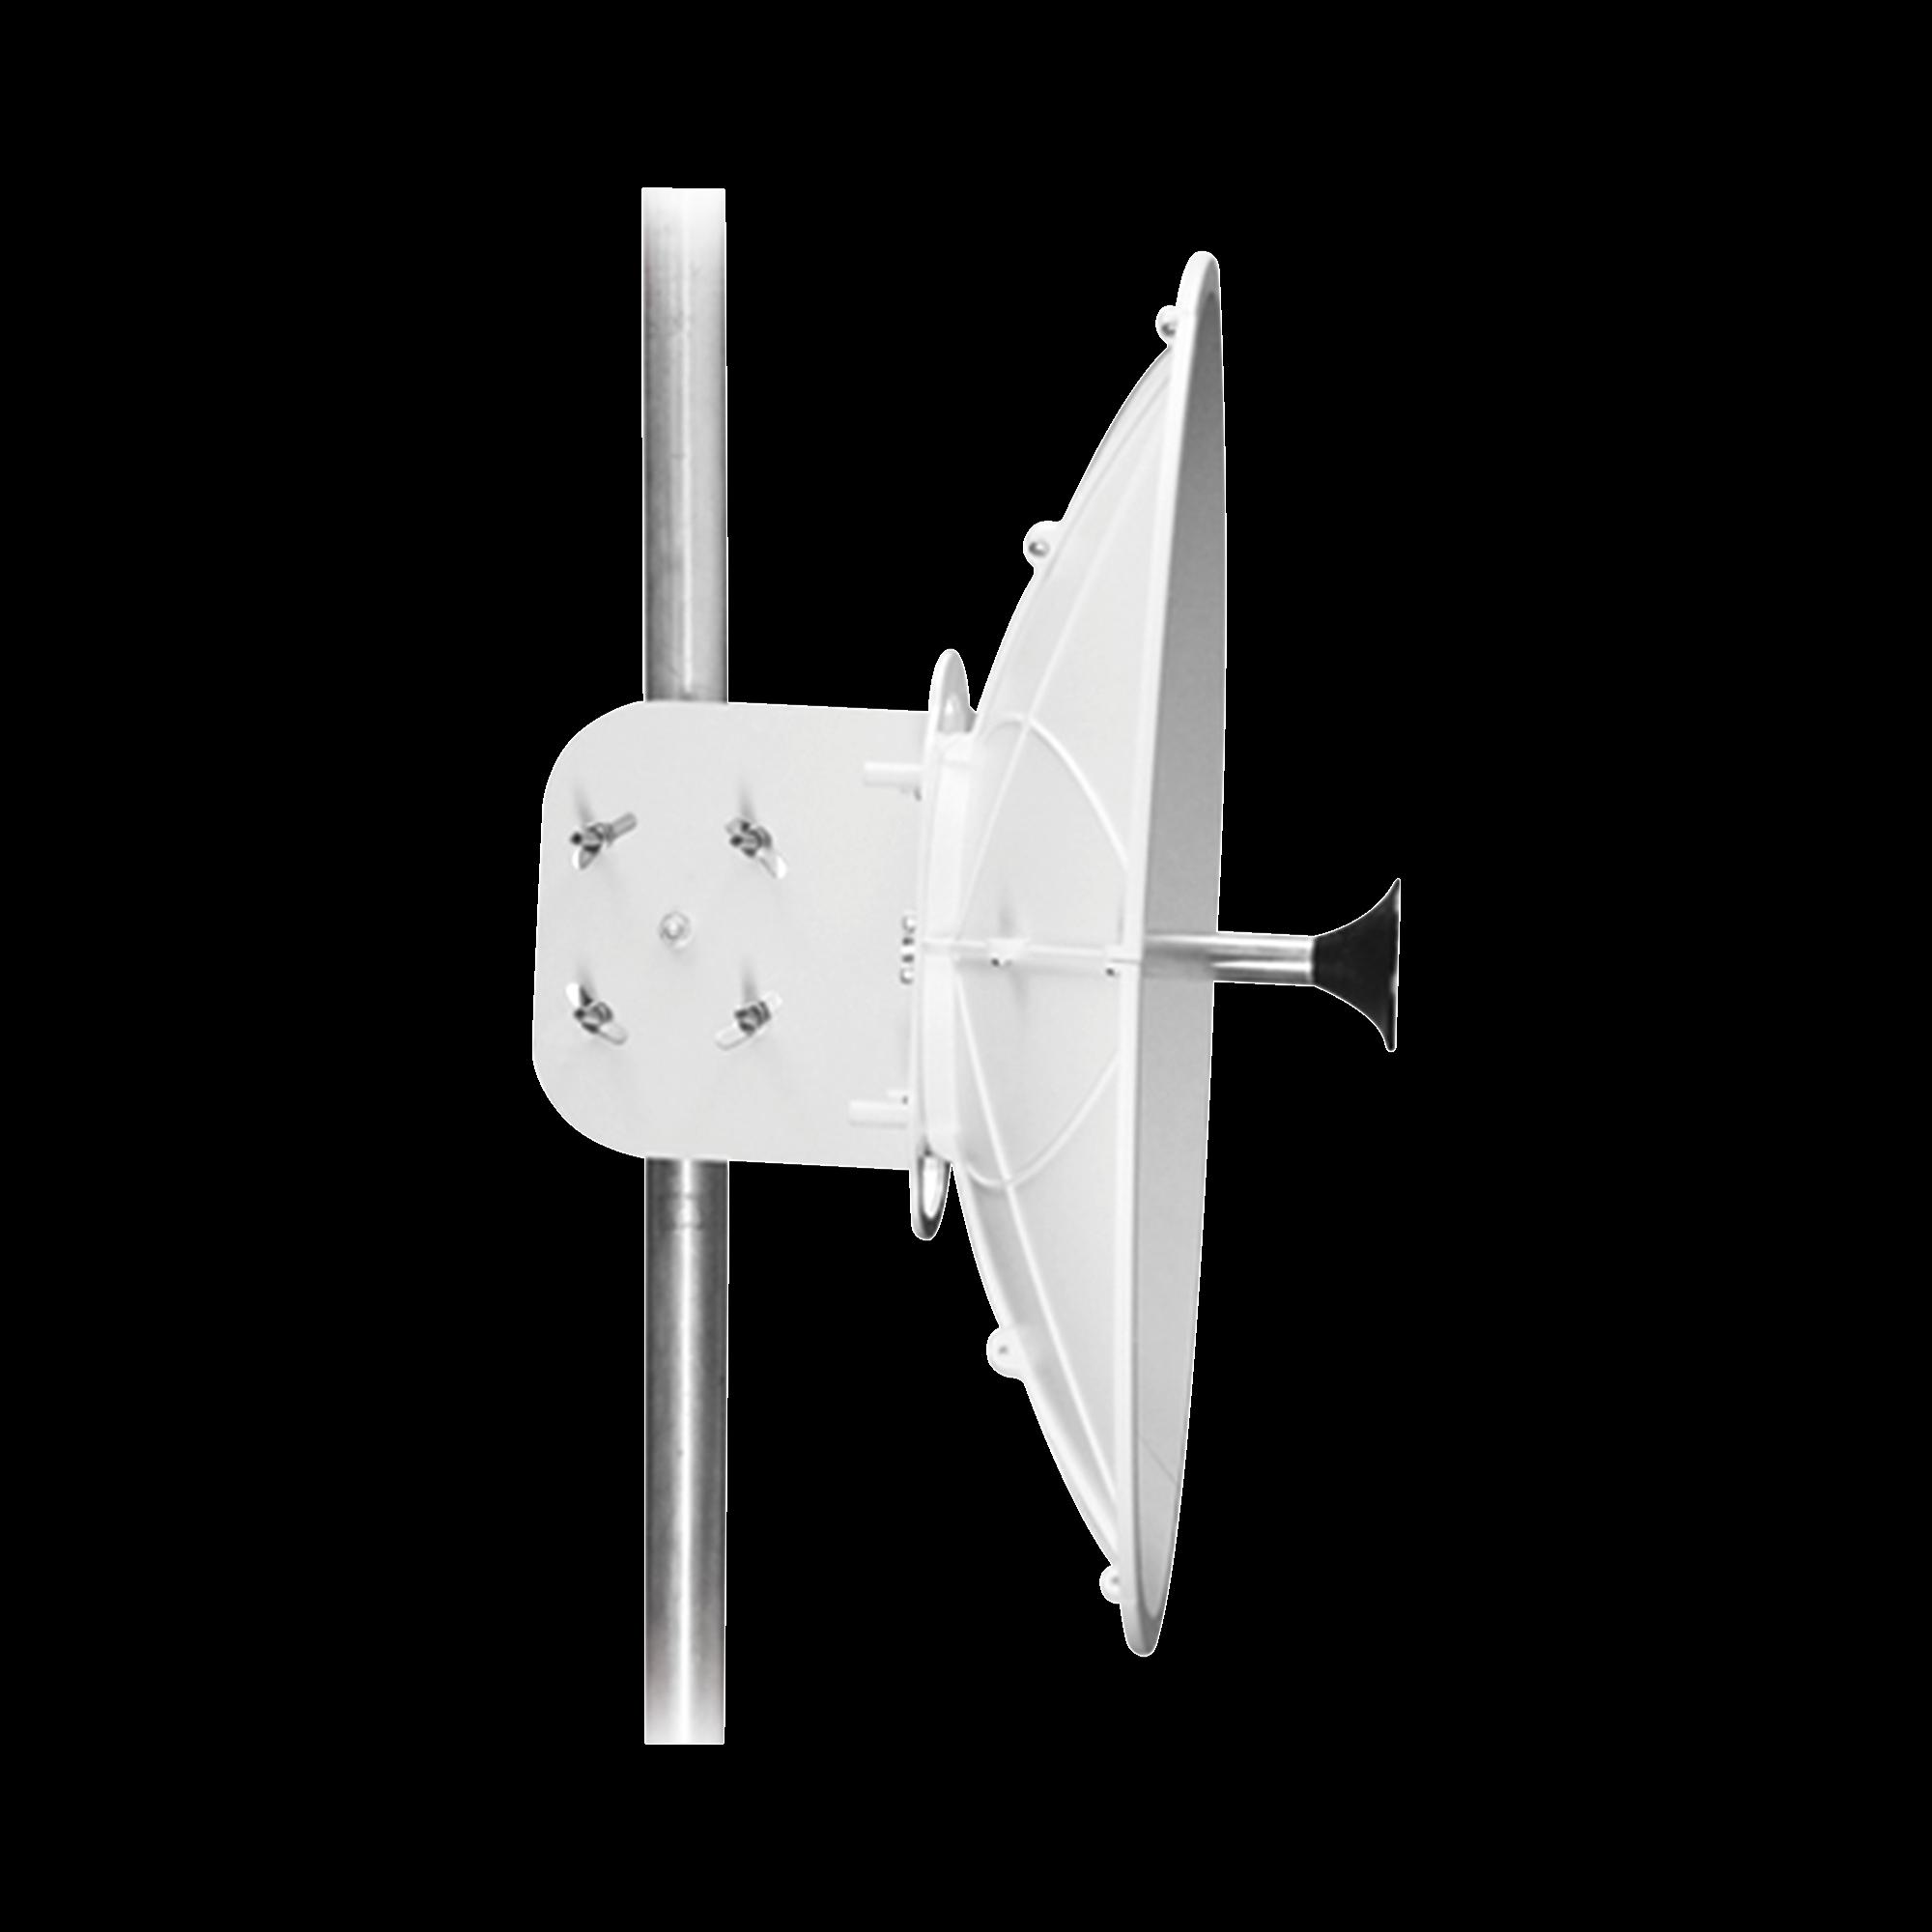 Antena direccional para AF11, Doble polaridad, 10 a 11.7 GHz, 2 ft, Alta ganancia en 34 dBi, Montaje incluido